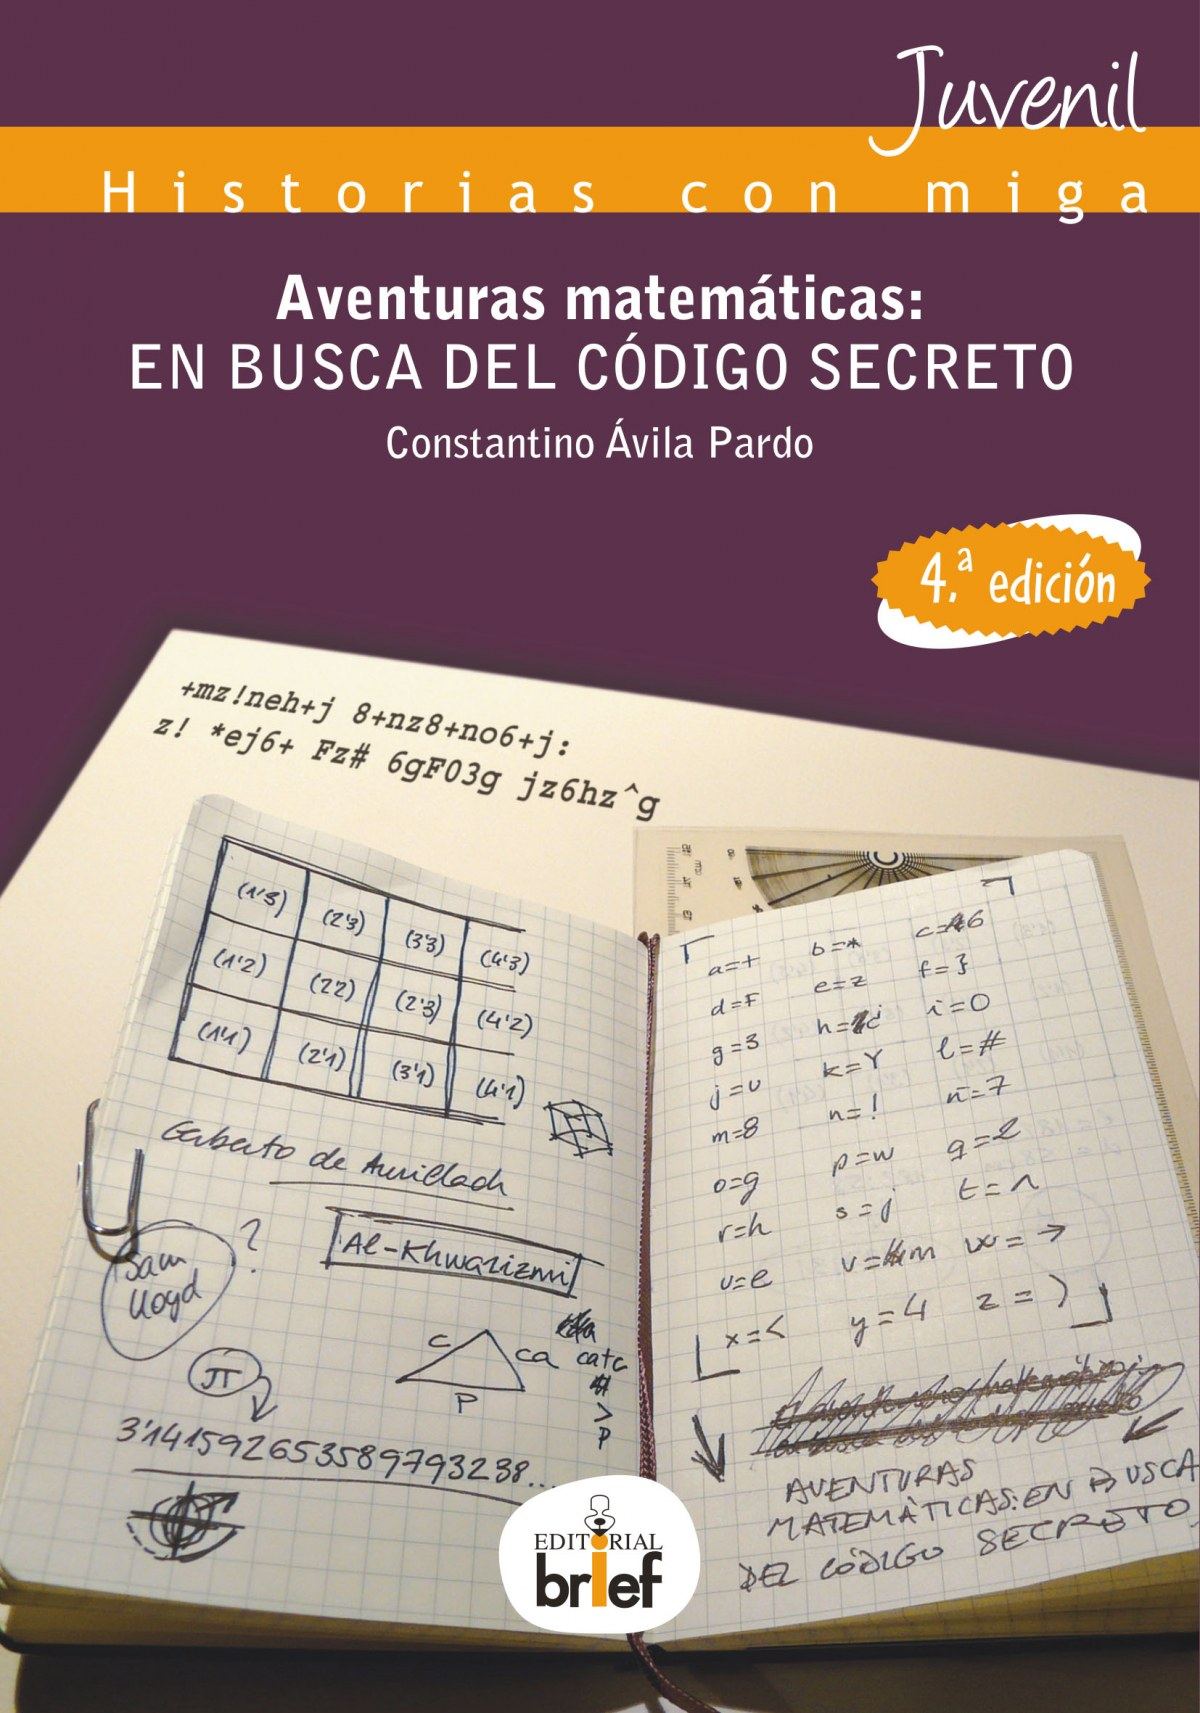 Aventuras matemáticas: en busca del código secreto